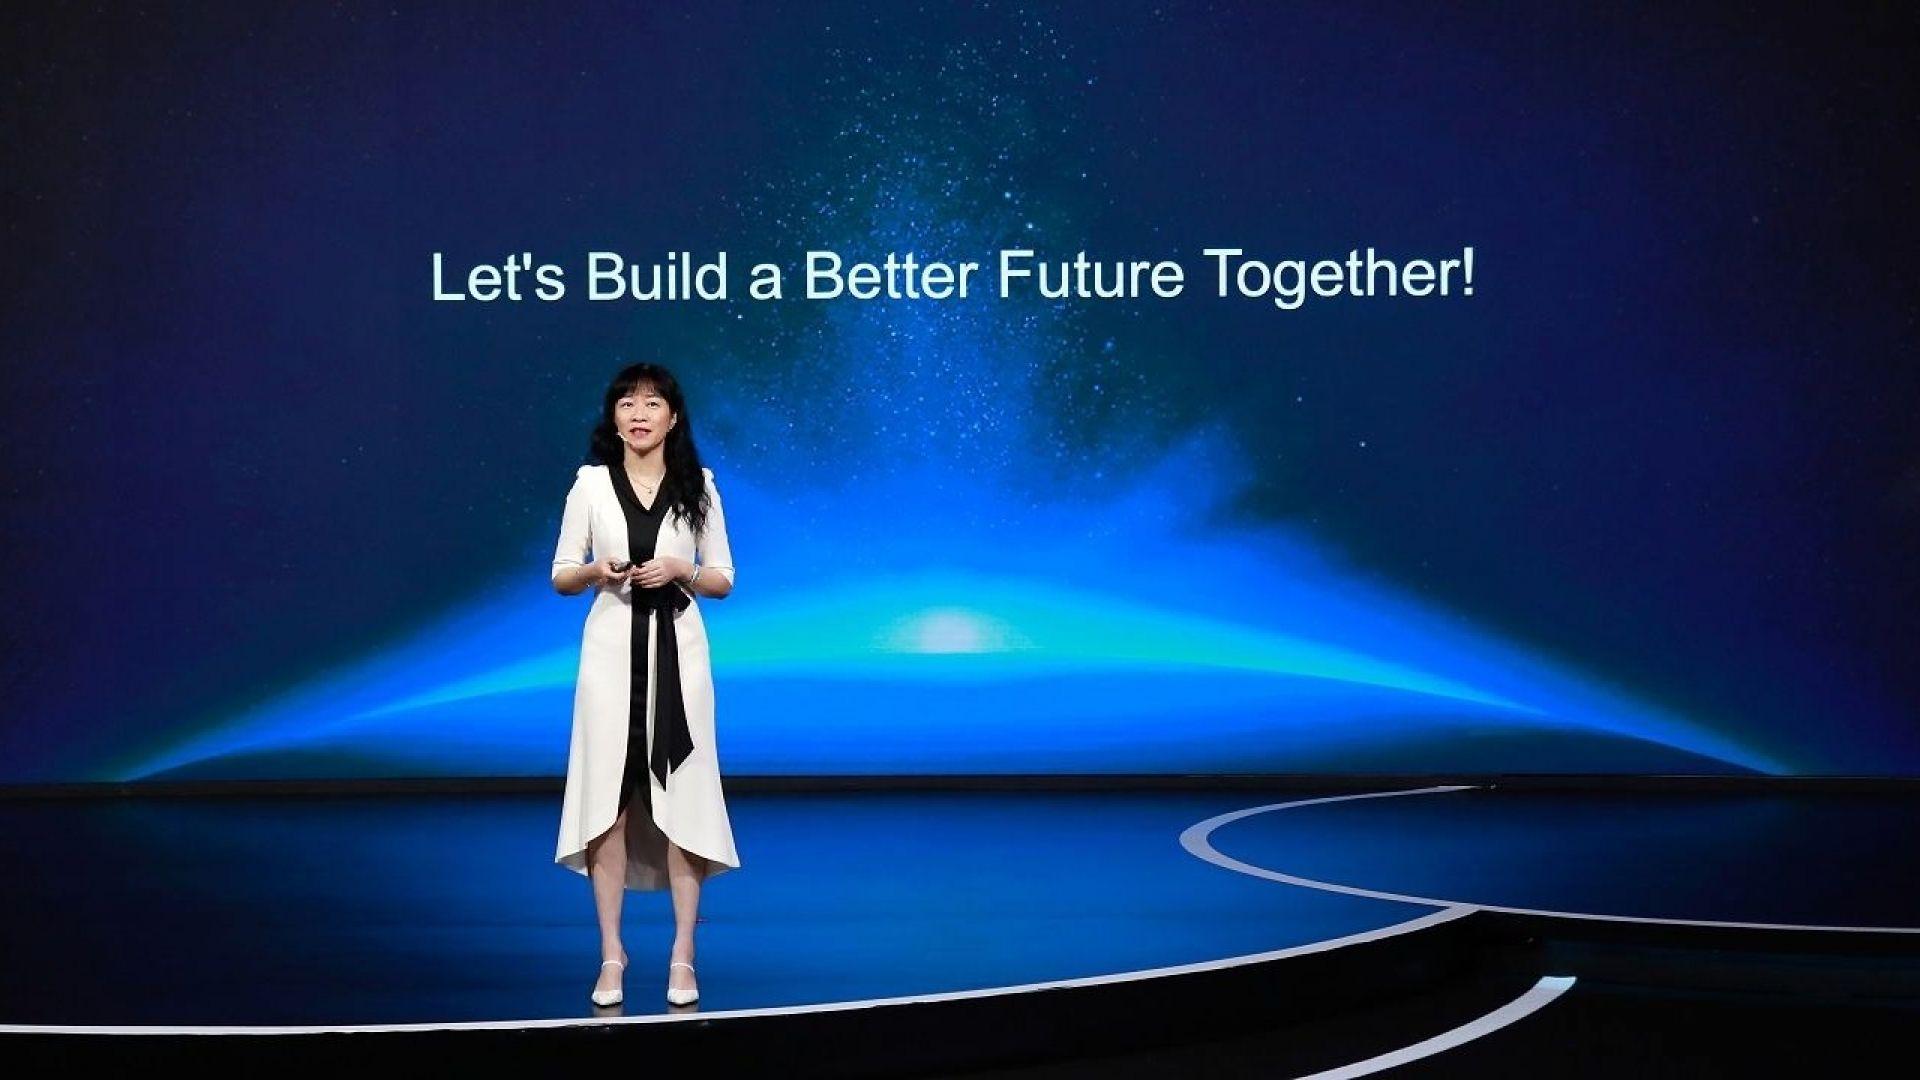 Huawei създава устойчив дигитален свят чрез 5G